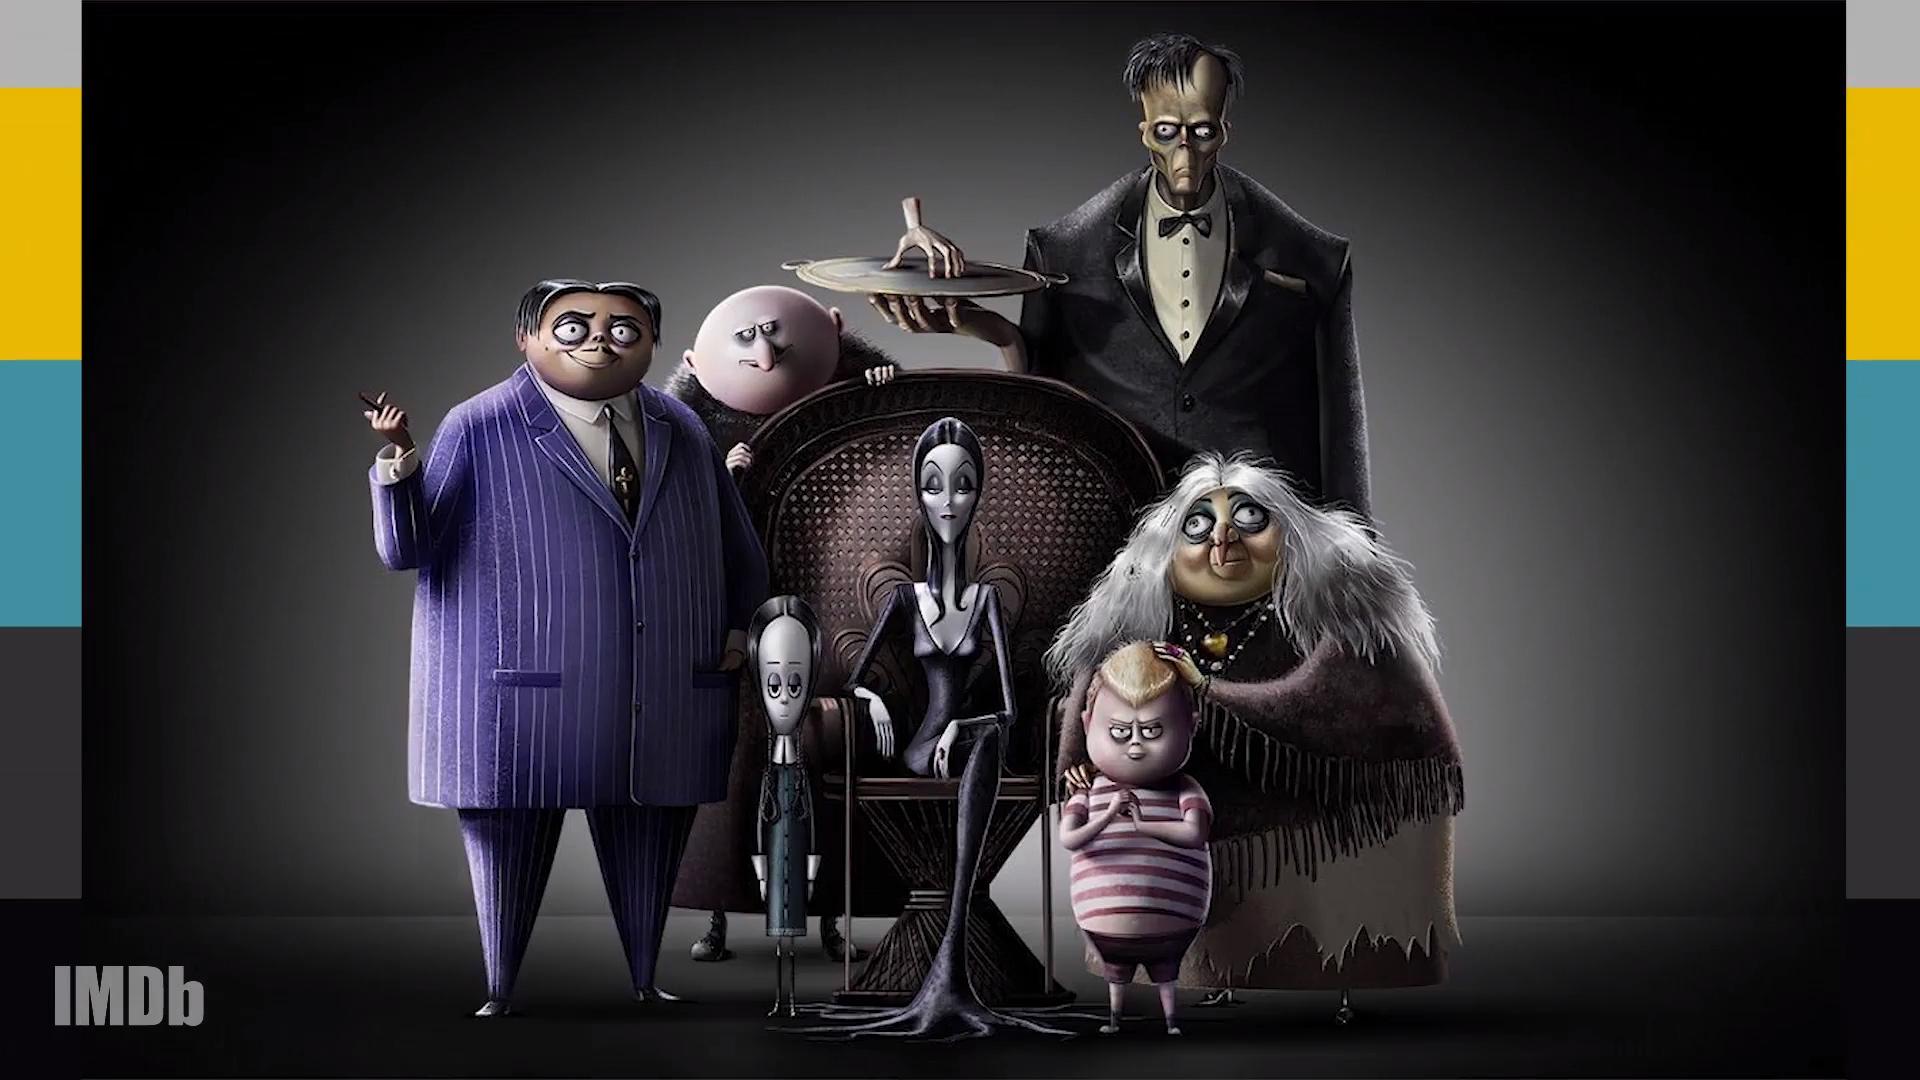 معرفی انیمیشن خانواده آدامز    the addams family 2019